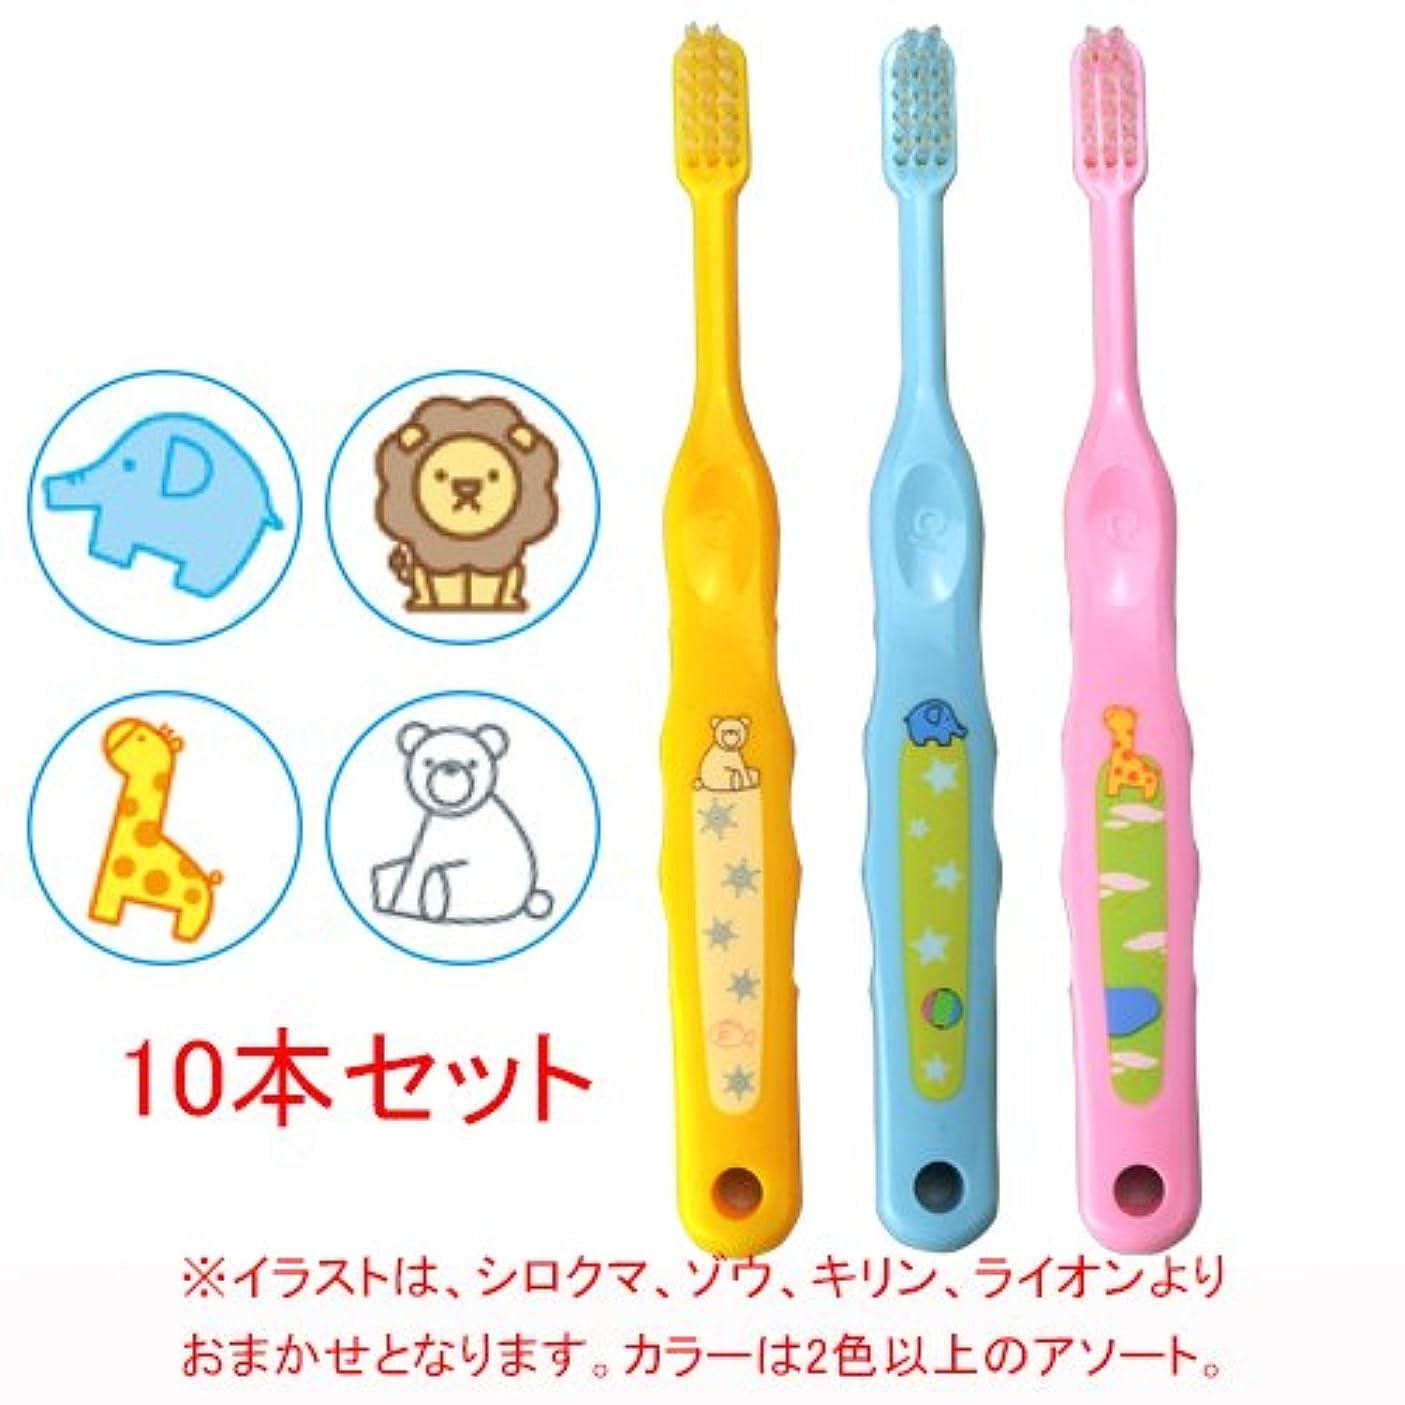 カップ分数材料Ciメディカル Ci なまえ歯ブラシ 503 (やわらかめ) (乳児~小学生向)10本